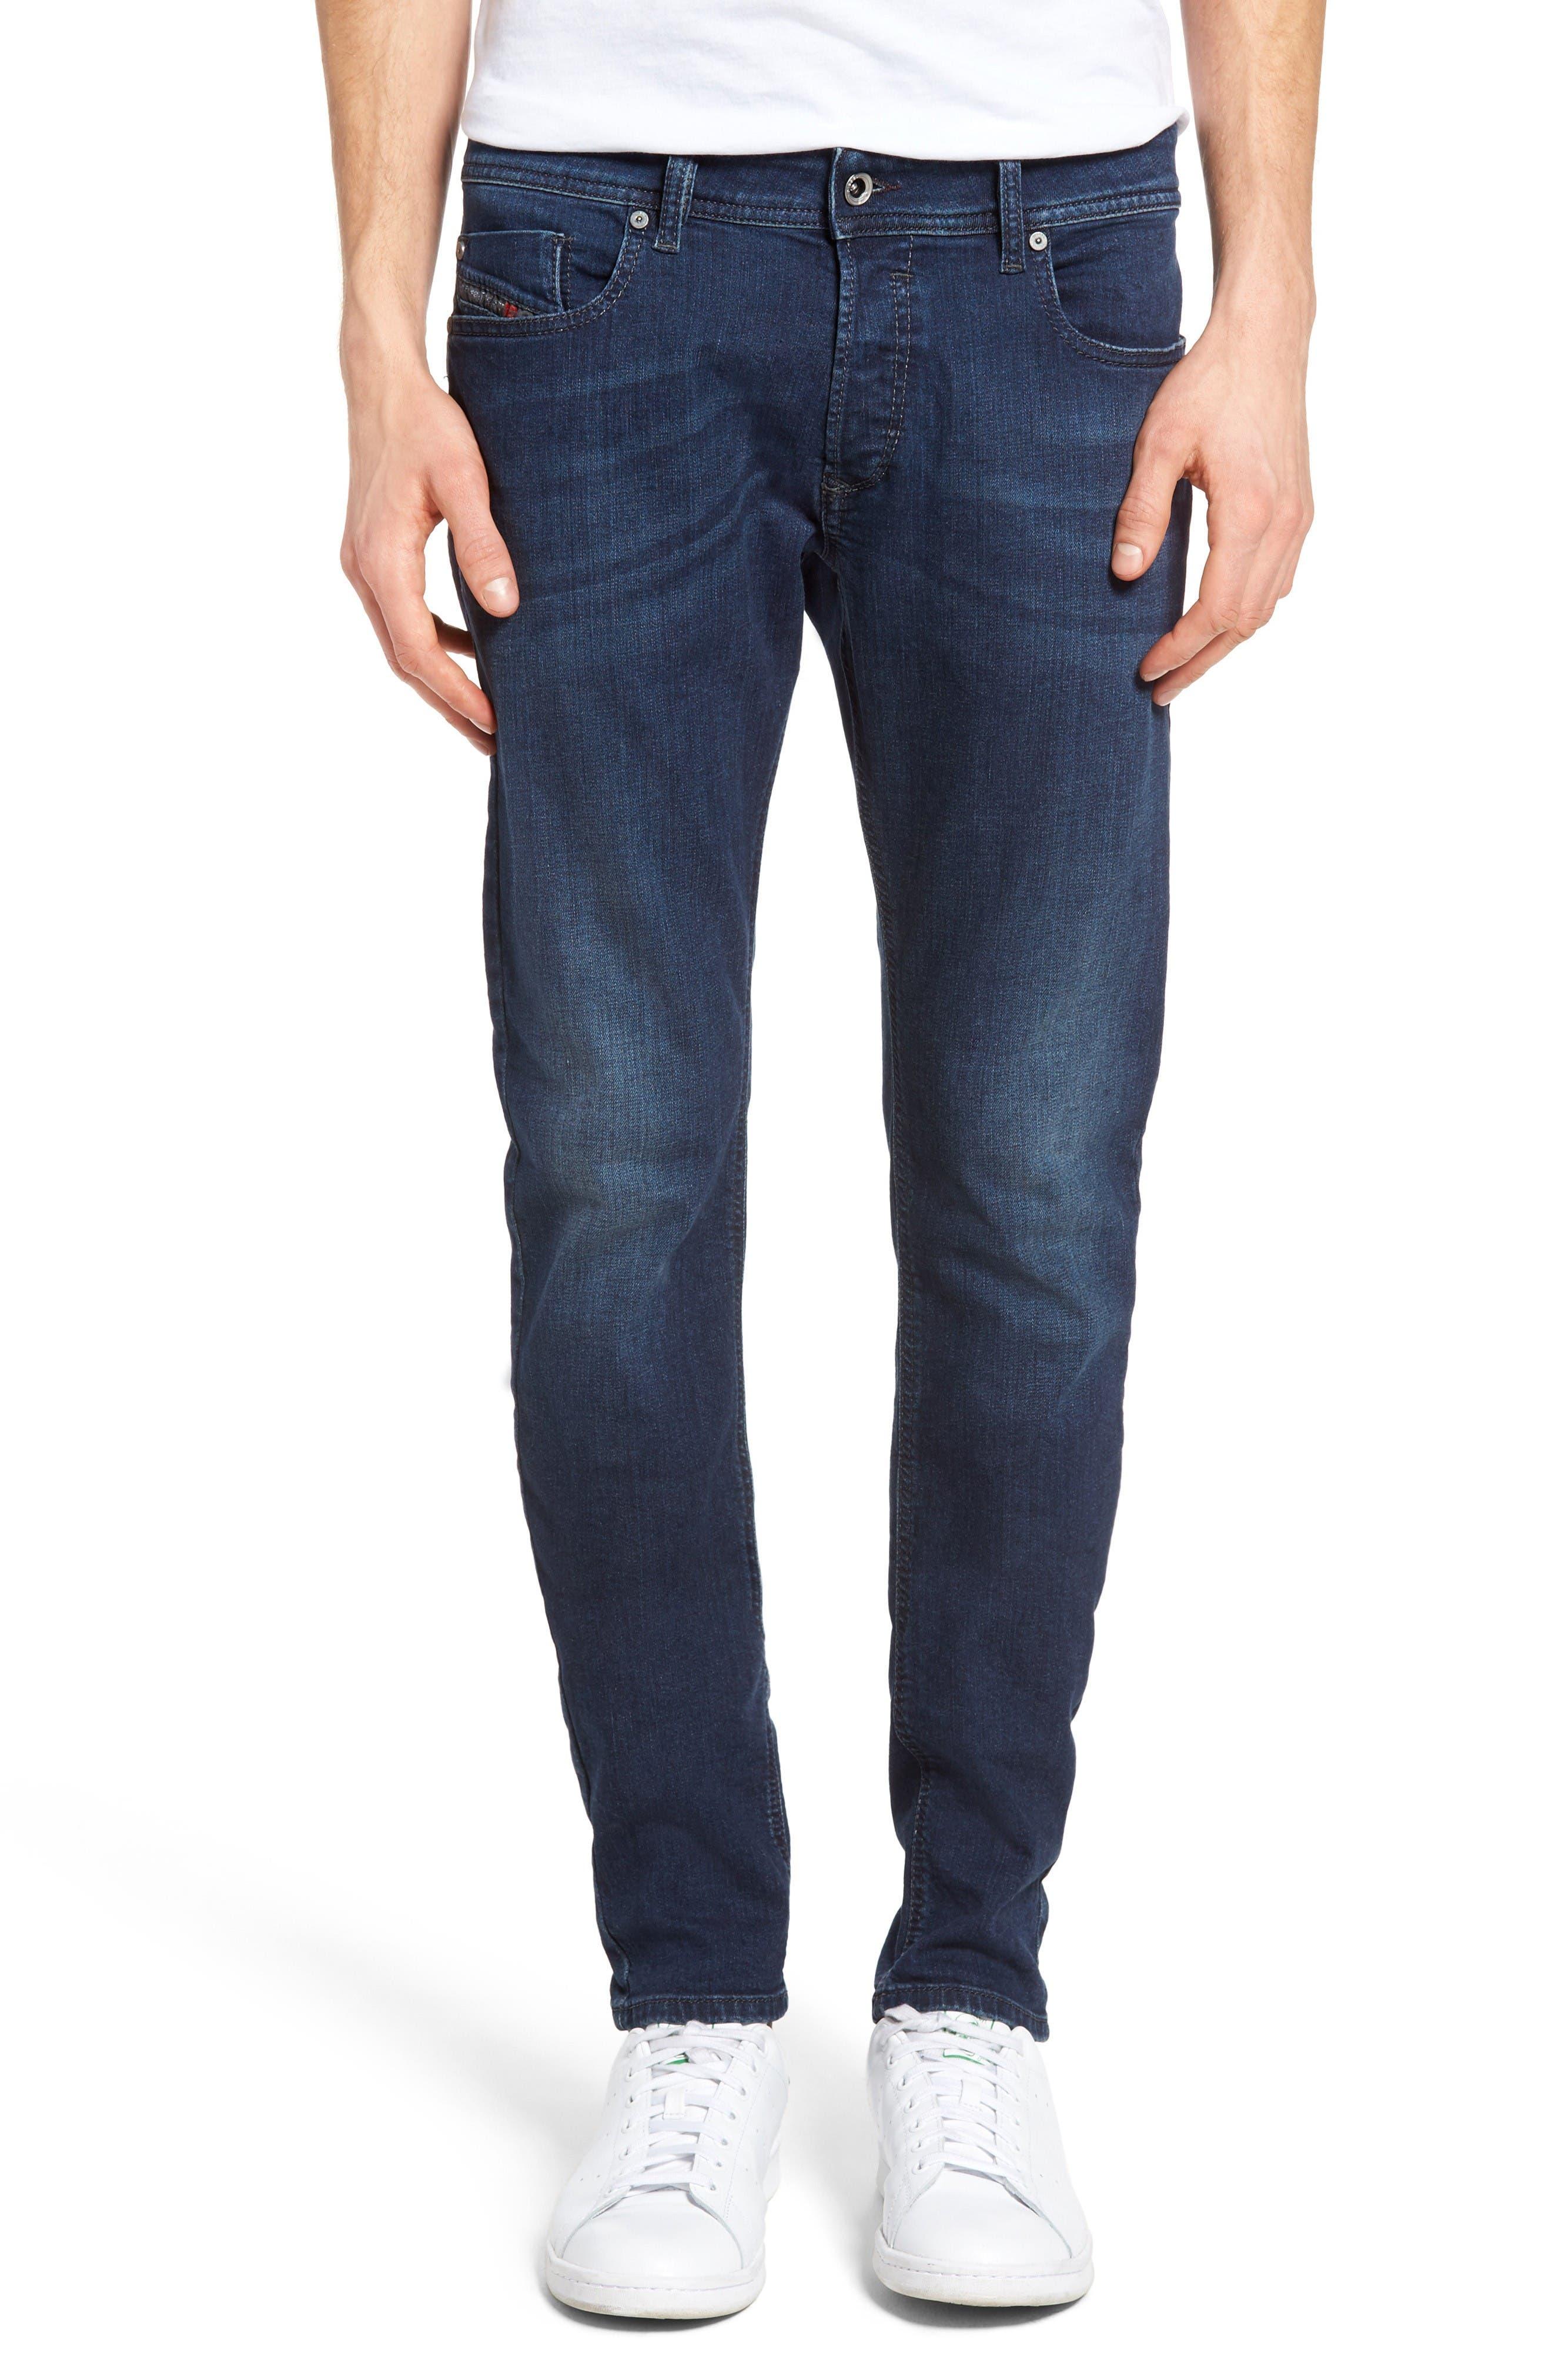 Alternate Image 1 Selected - DIESEL® Sleenker Skinny Fit Jeans (0854E)